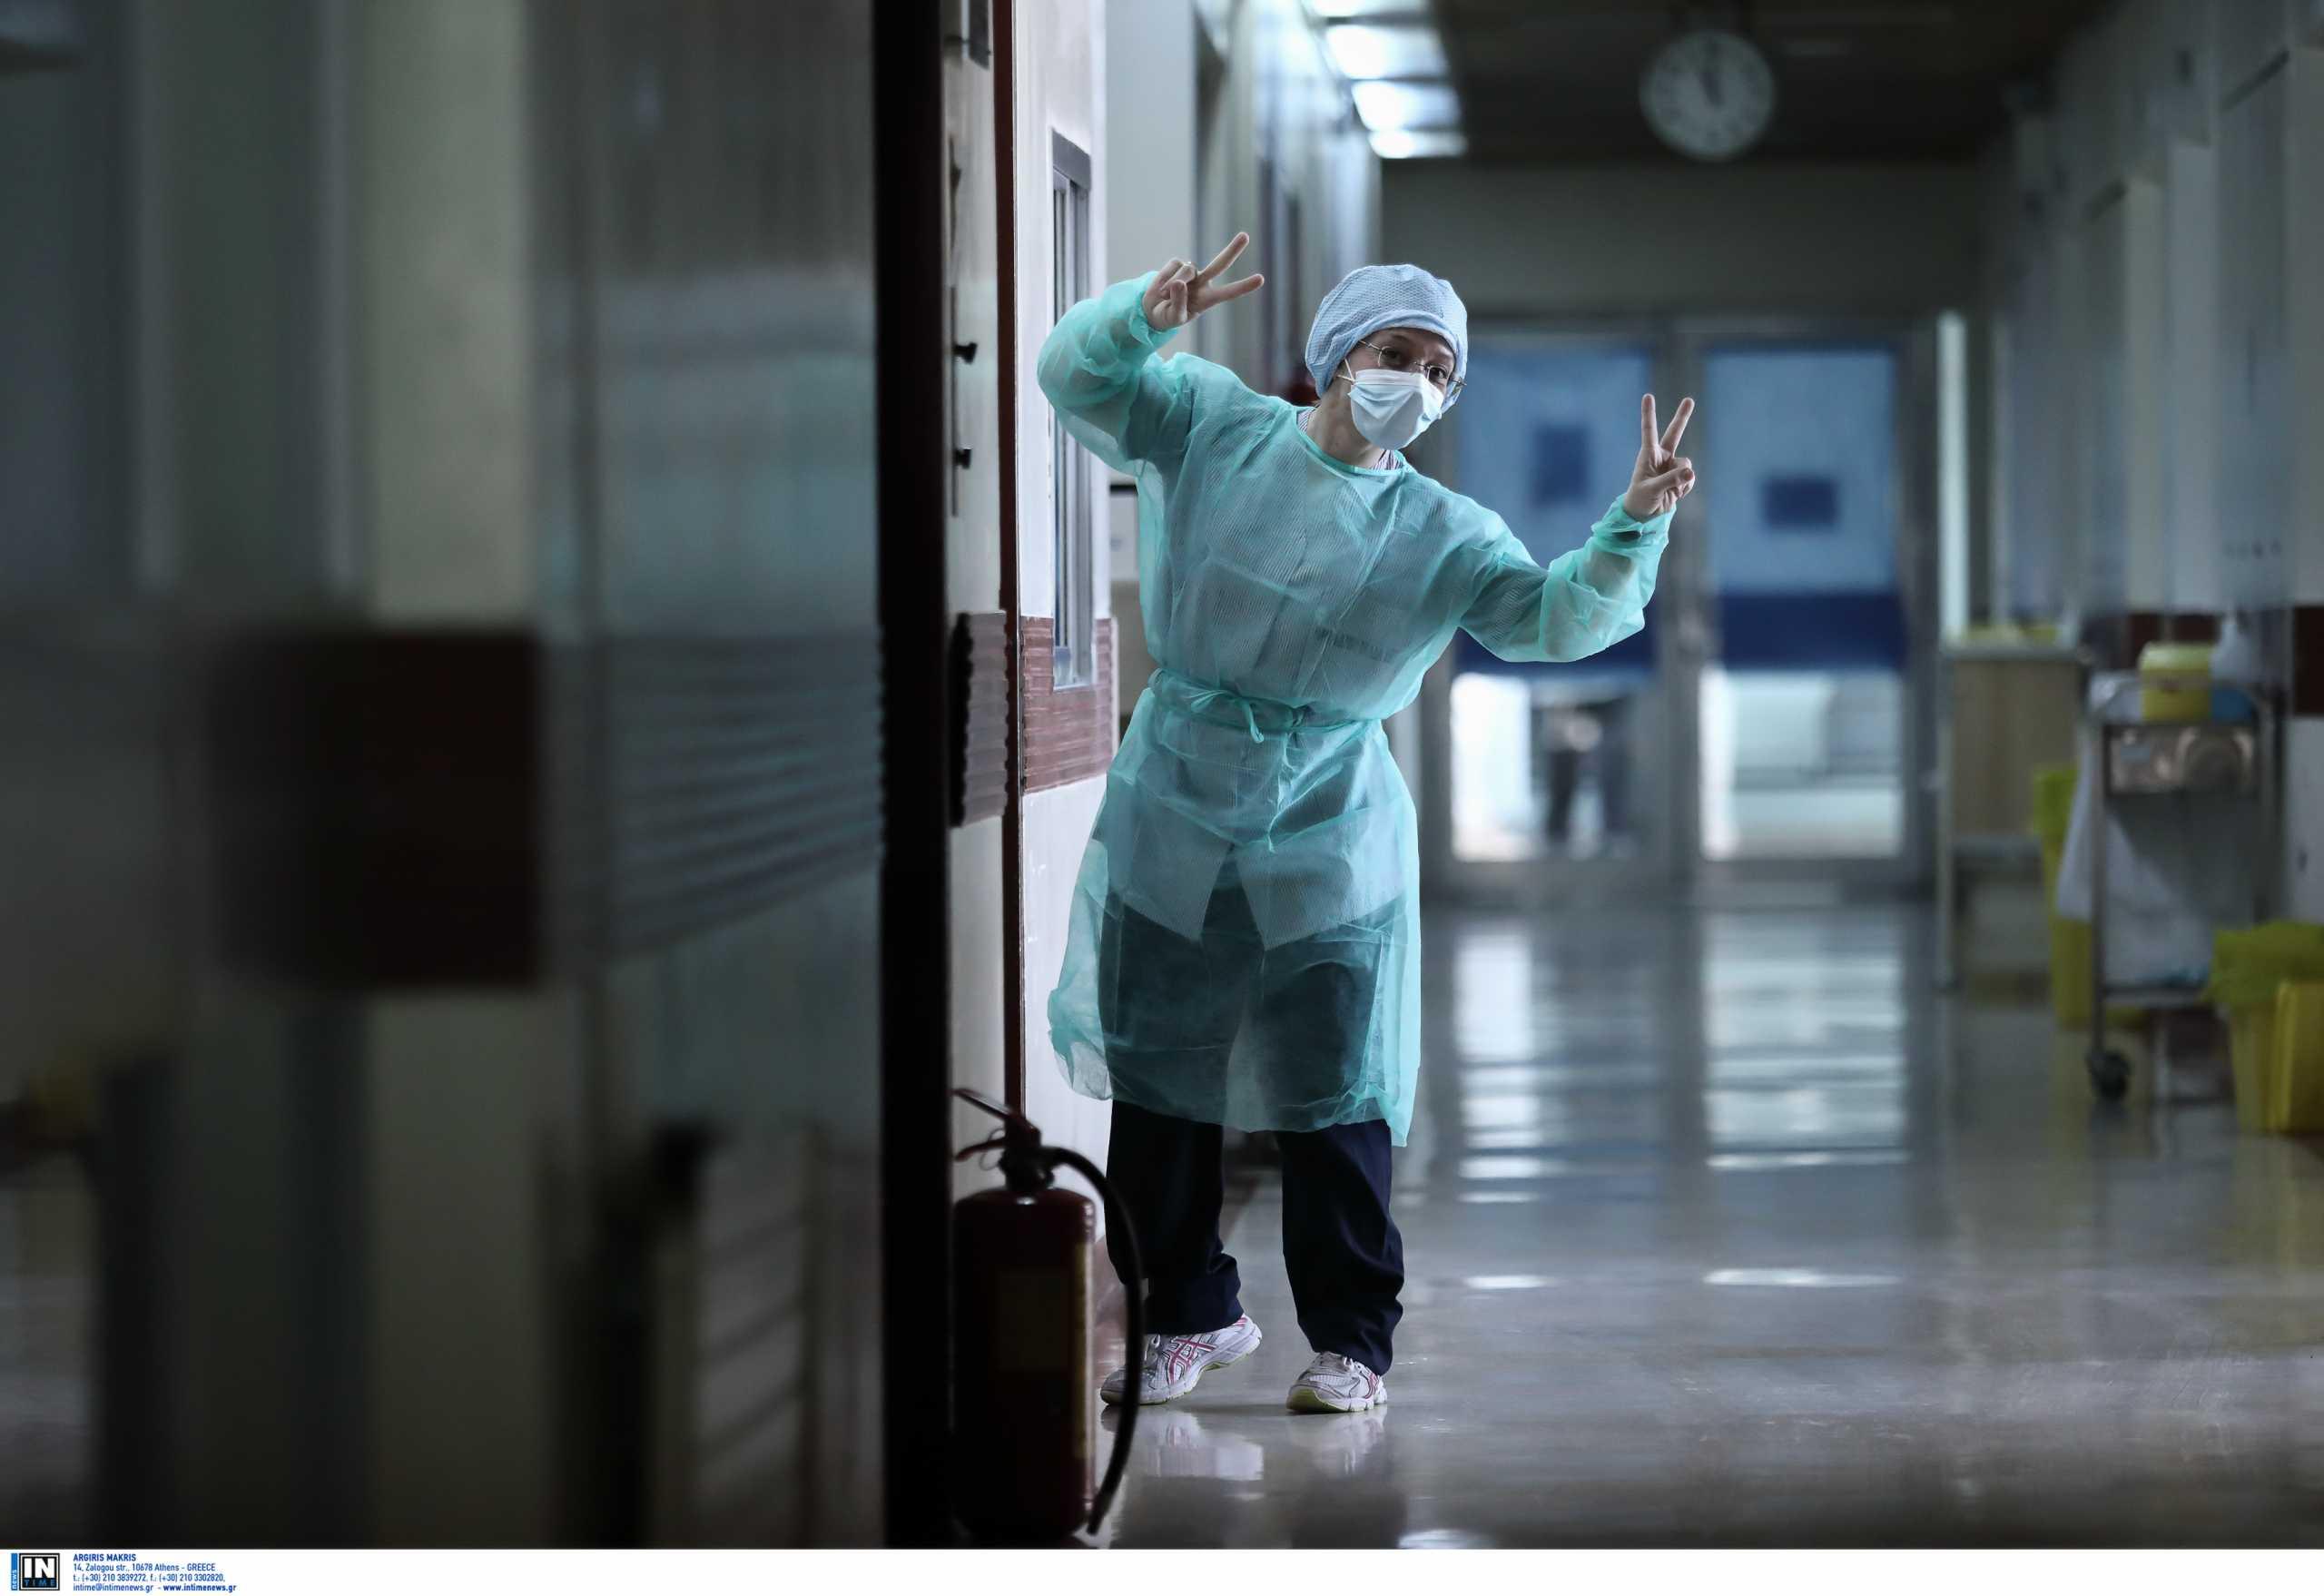 Κορονοϊός: «Βάλσαμο» ο Μάιος στις πληγές της πανδημίας – Οι αριθμοί για τους διασωληνωμένους που γεννούν ελπίδες